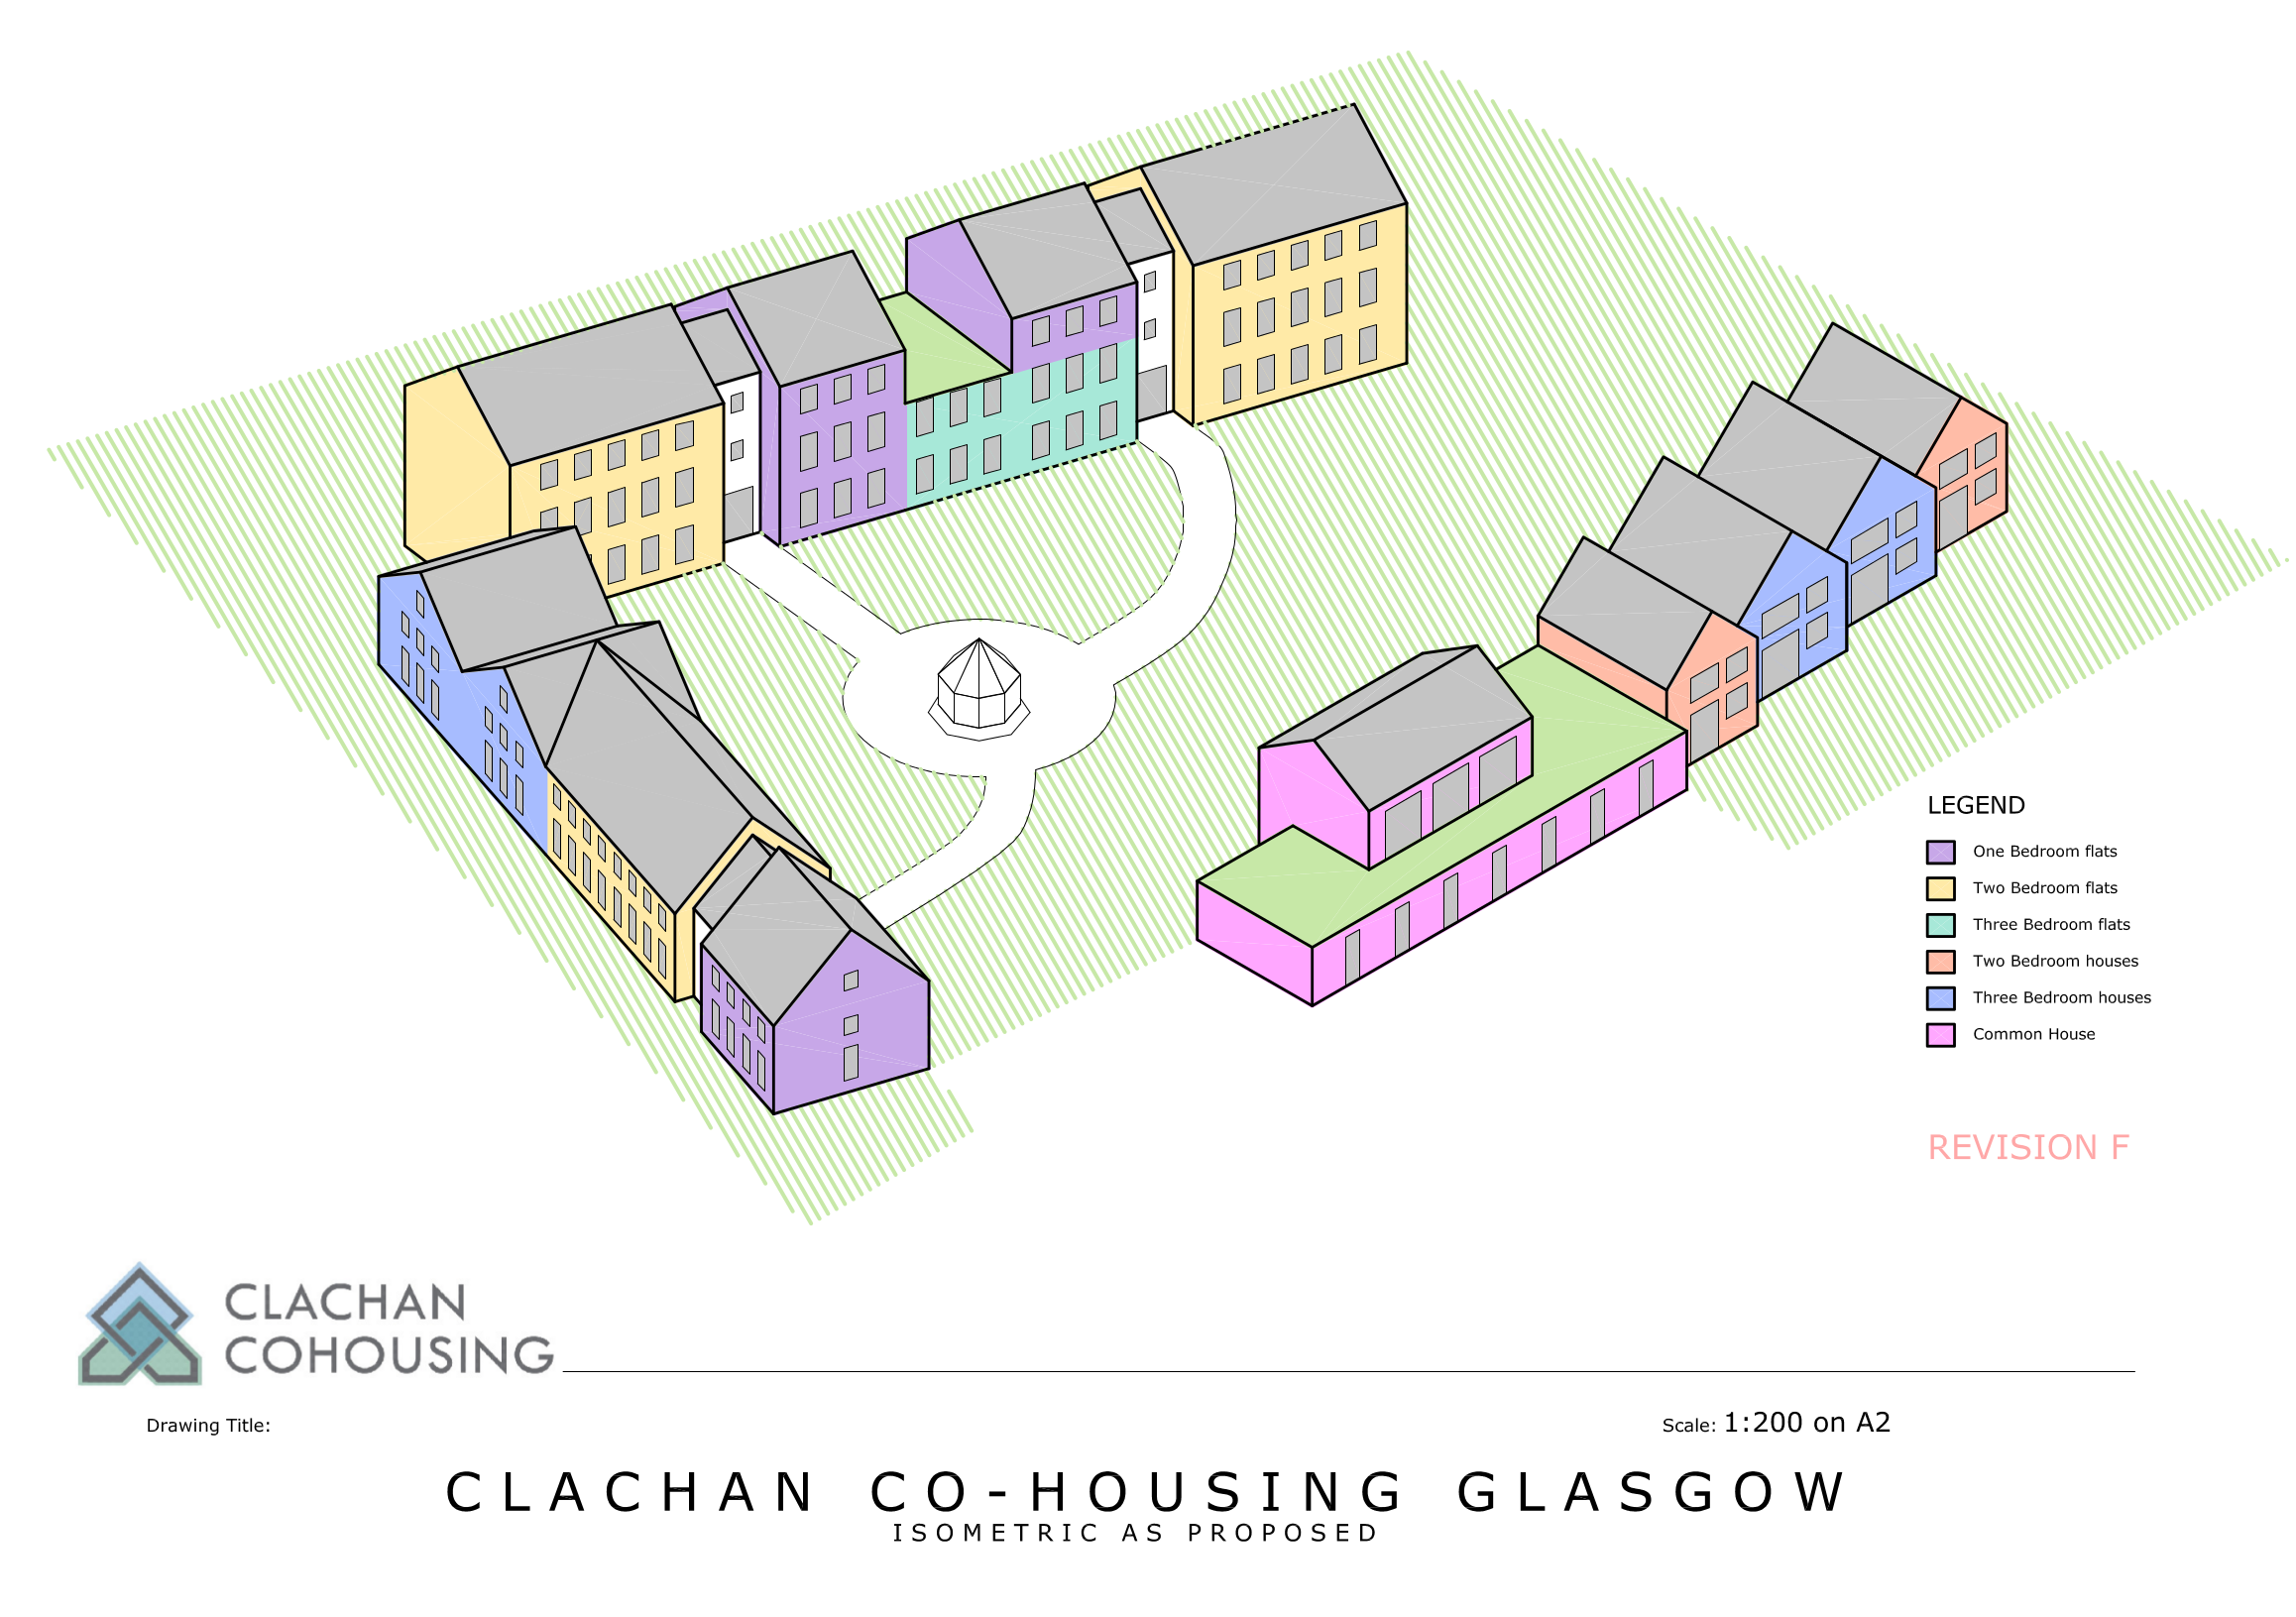 Clachan